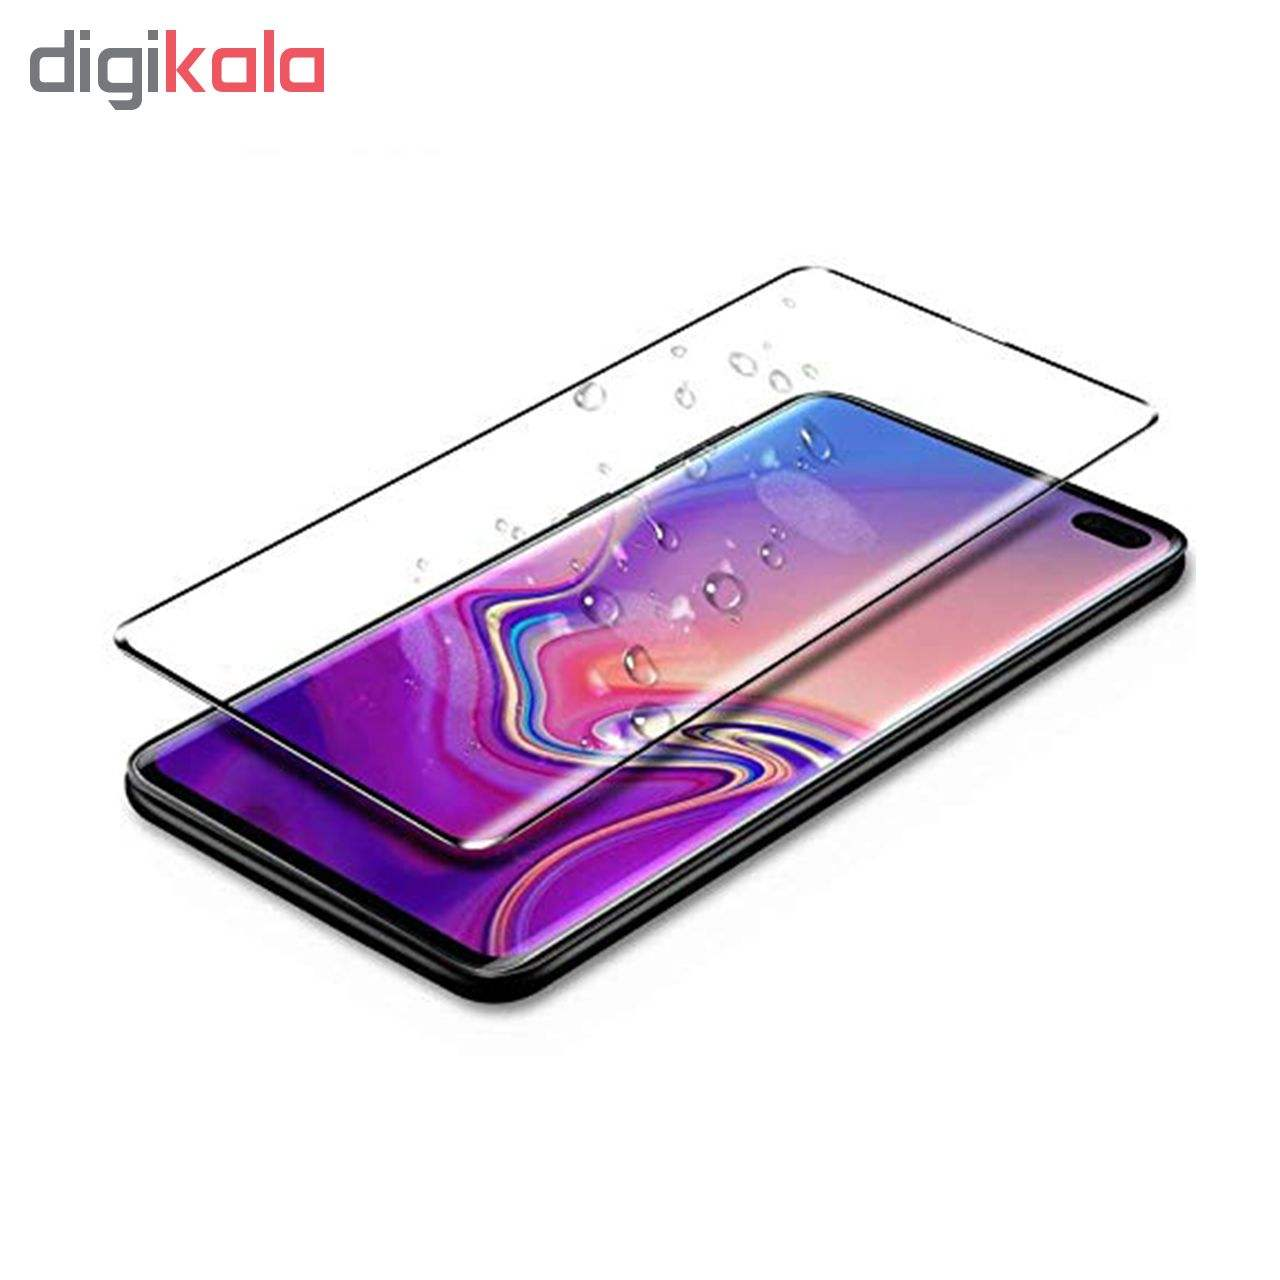 محافظ صفحه نمایش مدل 22eue مناسب برای گوشی سامسونگ Galaxy S10 Plus main 1 4